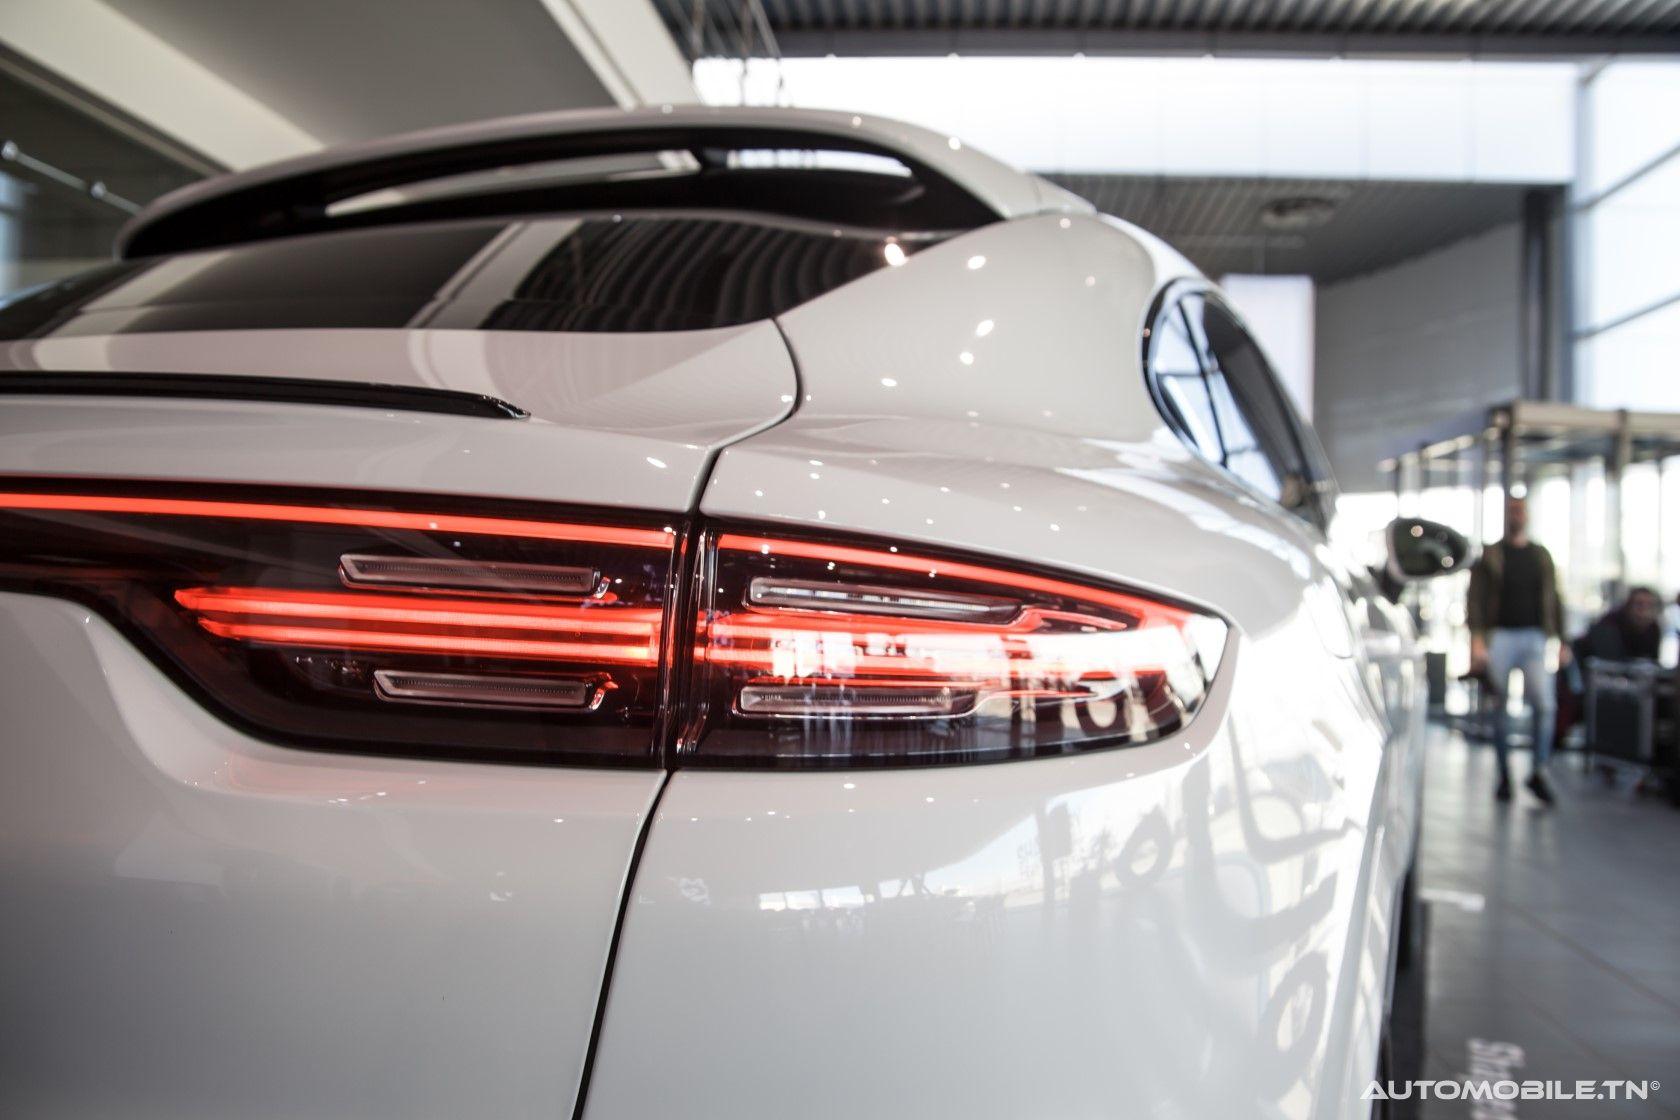 Porsche Cayenne Coupé - Porsche Tunis célèbre l'arrivée du nouveau modèle